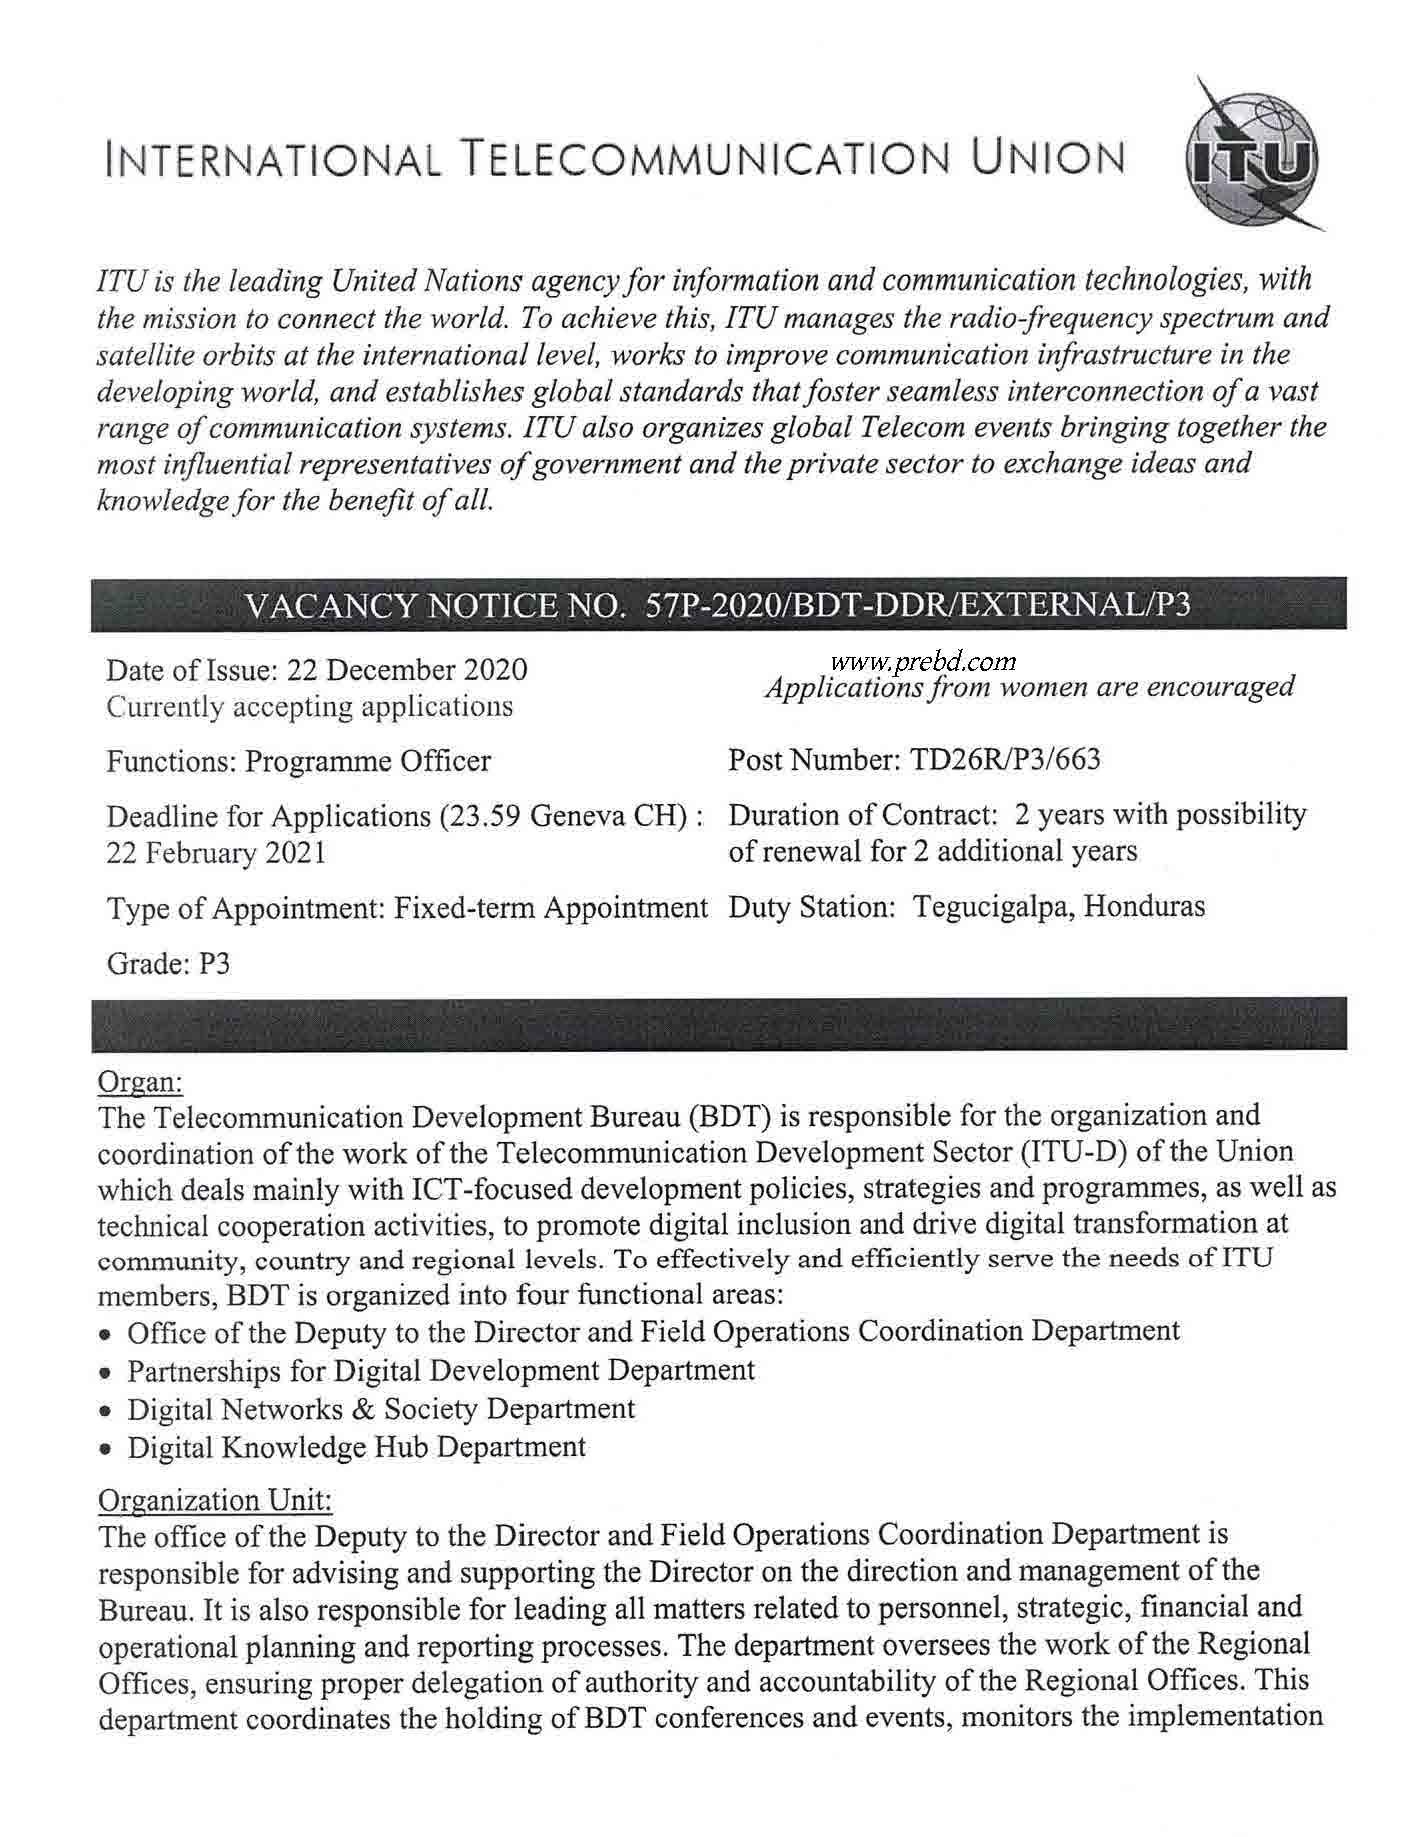 আন্তর্জাতিক টেলিকমিউনিকেশন ইউনিয়ন (ITU) এ নিয়োগ বিজ্ঞপ্তি ২০২১